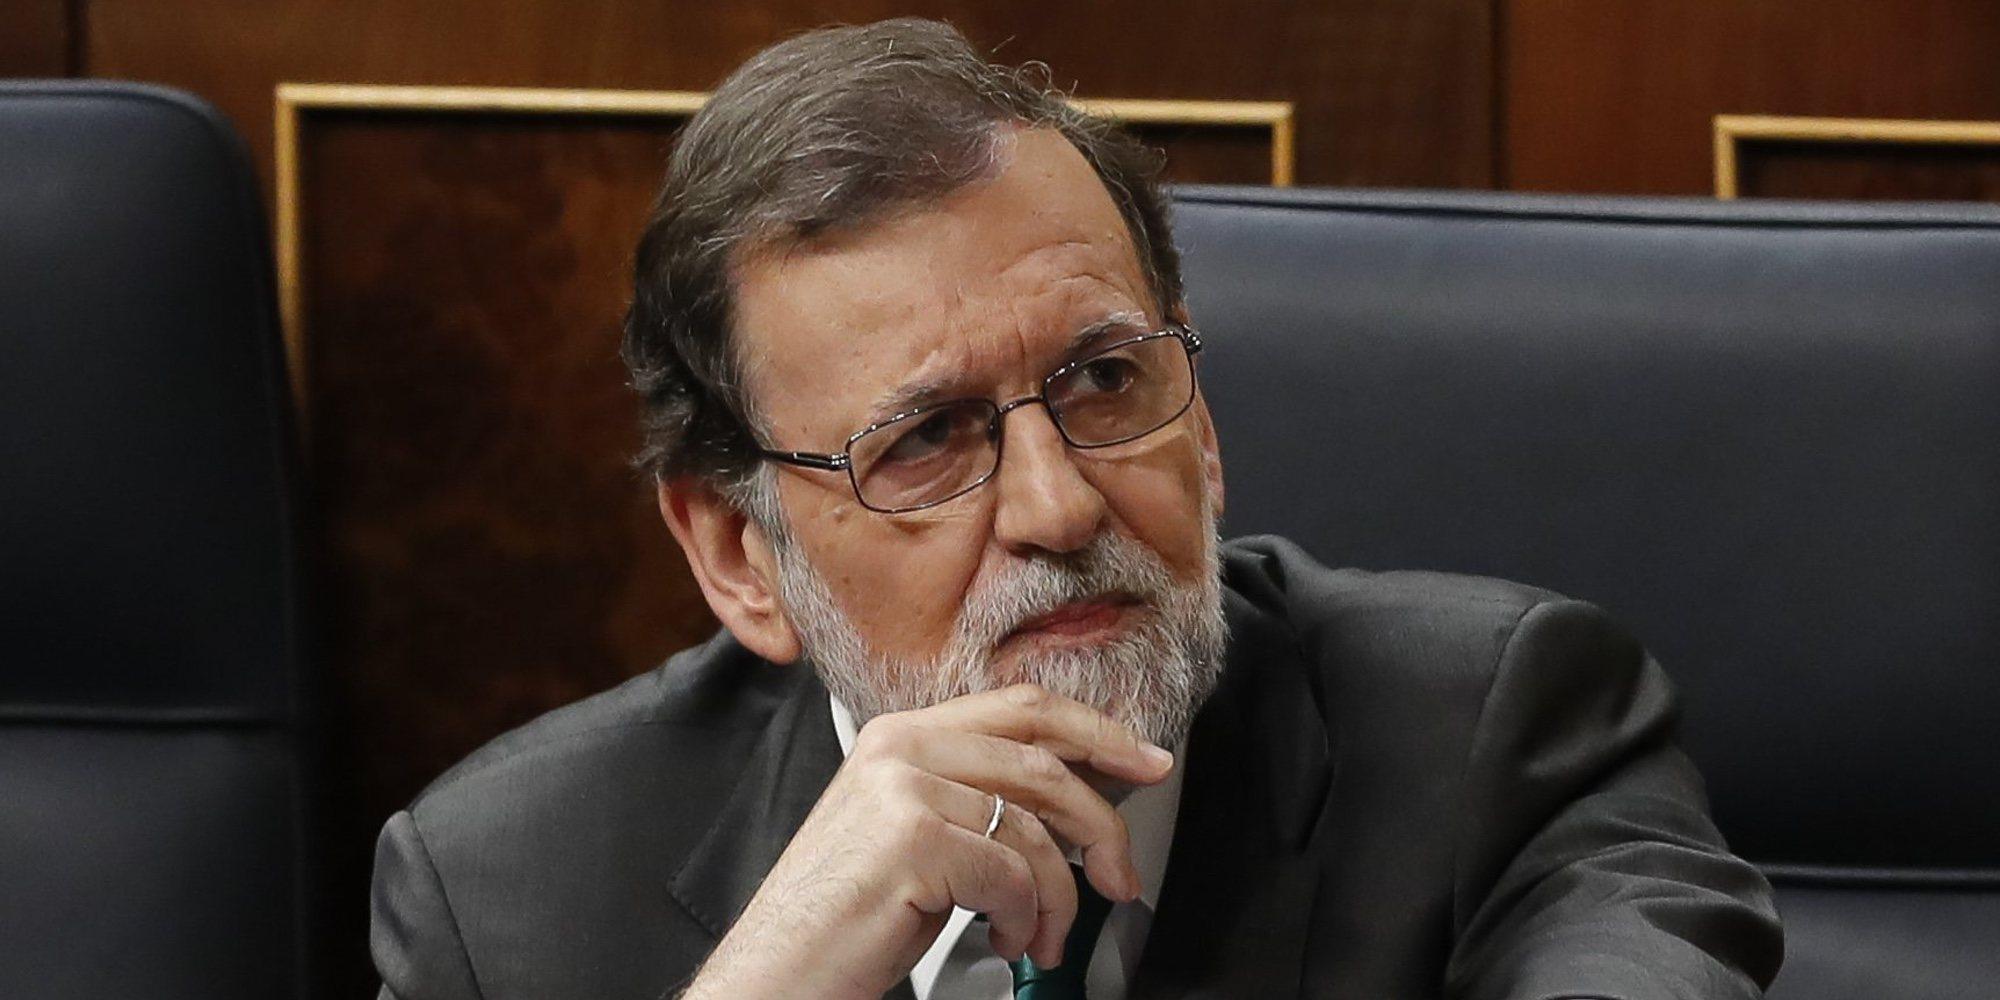 Muere la hermana de Mariano Rajoy a los 62 años